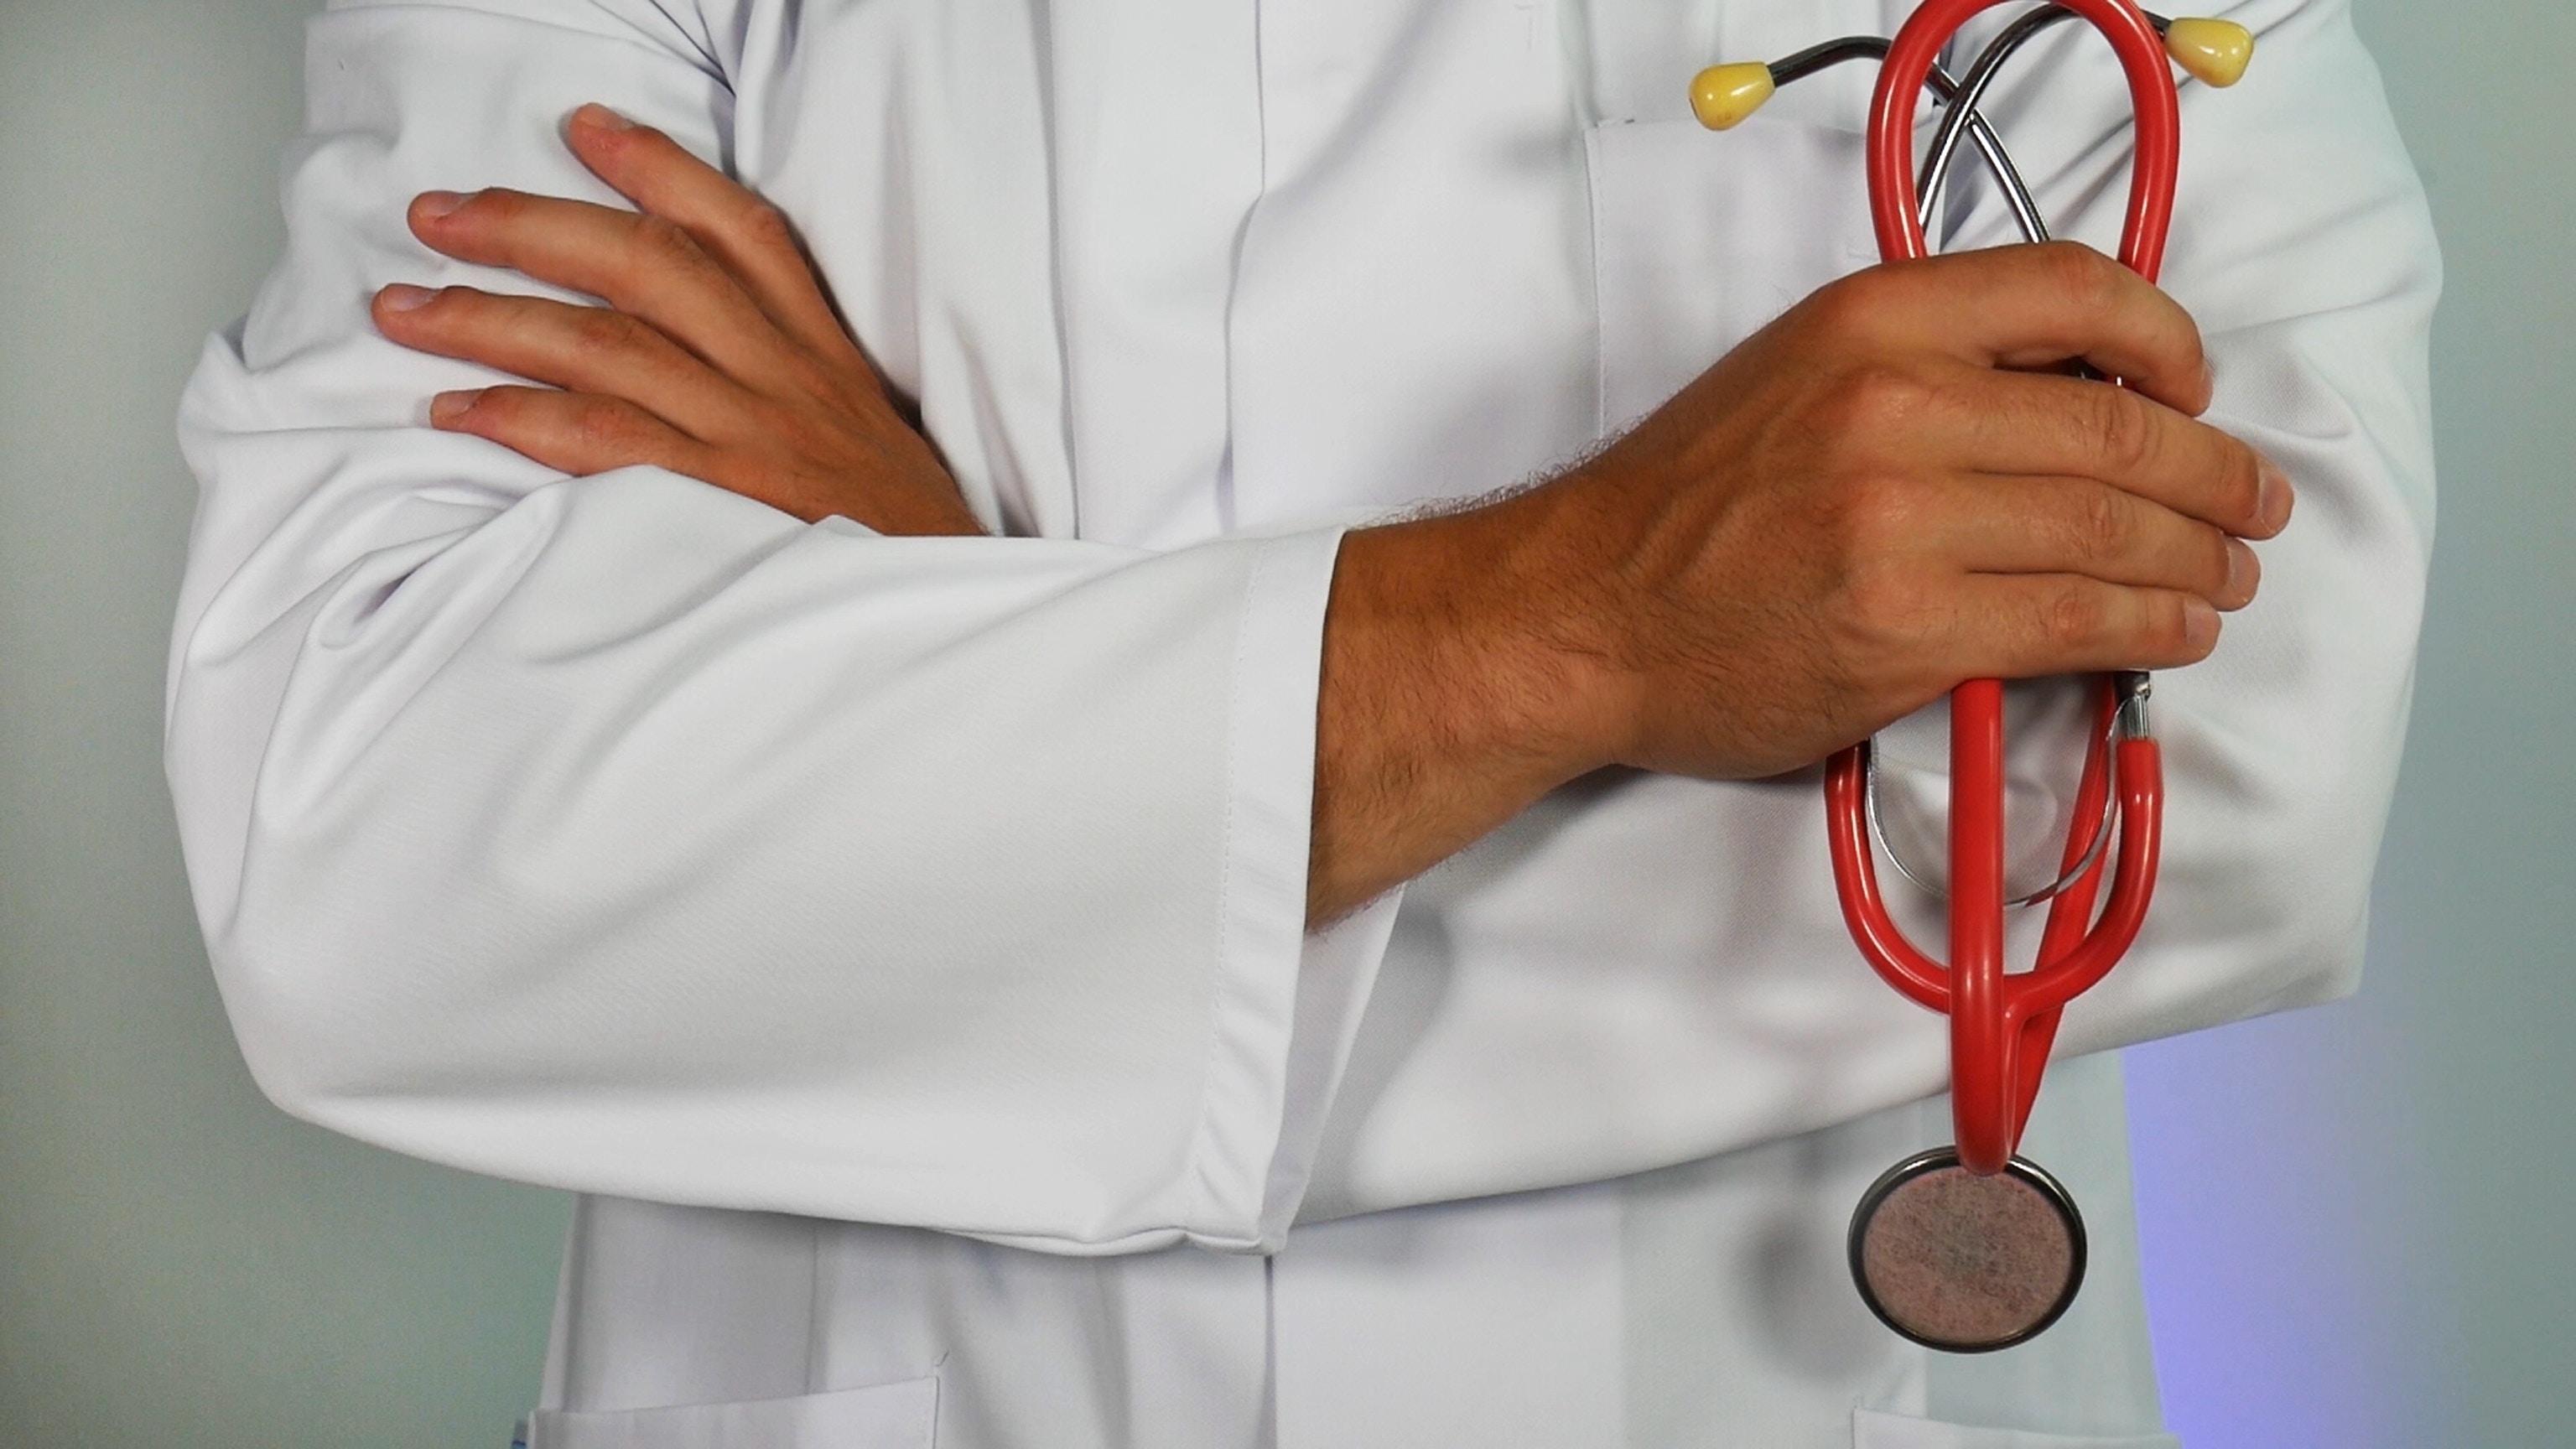 Visite specialistiche a Tabiano, centro per la salute (Ph. by Online Marketing on Unsplash)